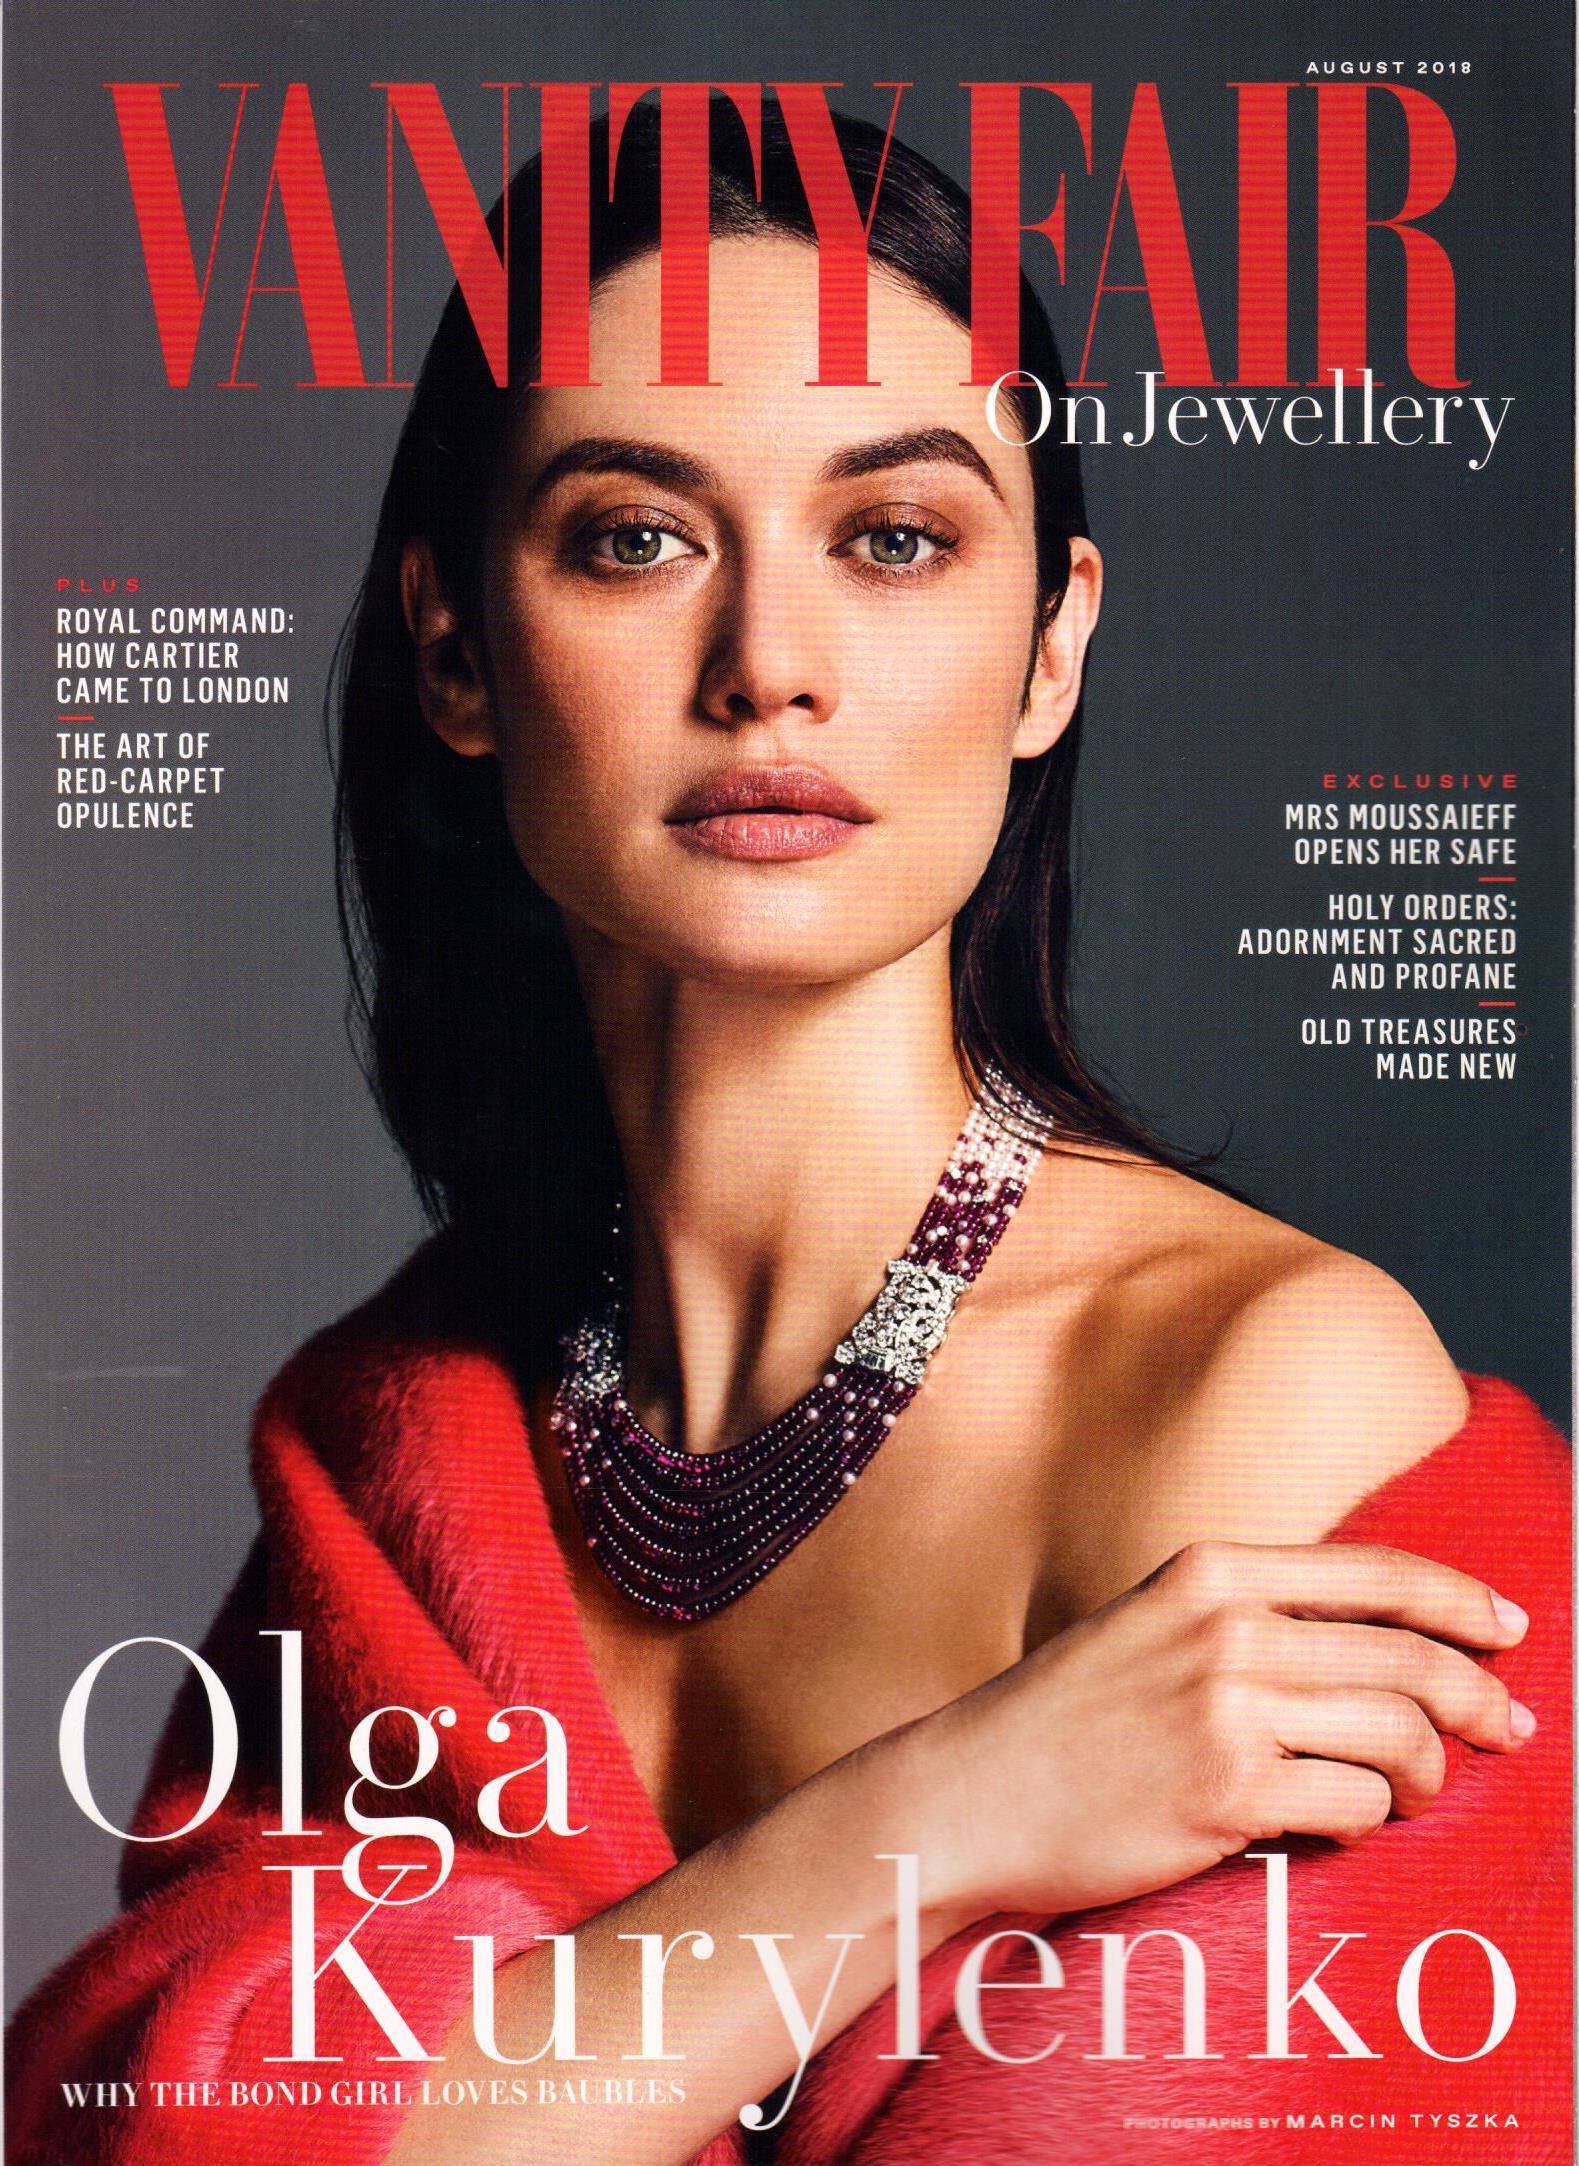 Vanity Fair Jewellery Aug 2018 cover.jpg